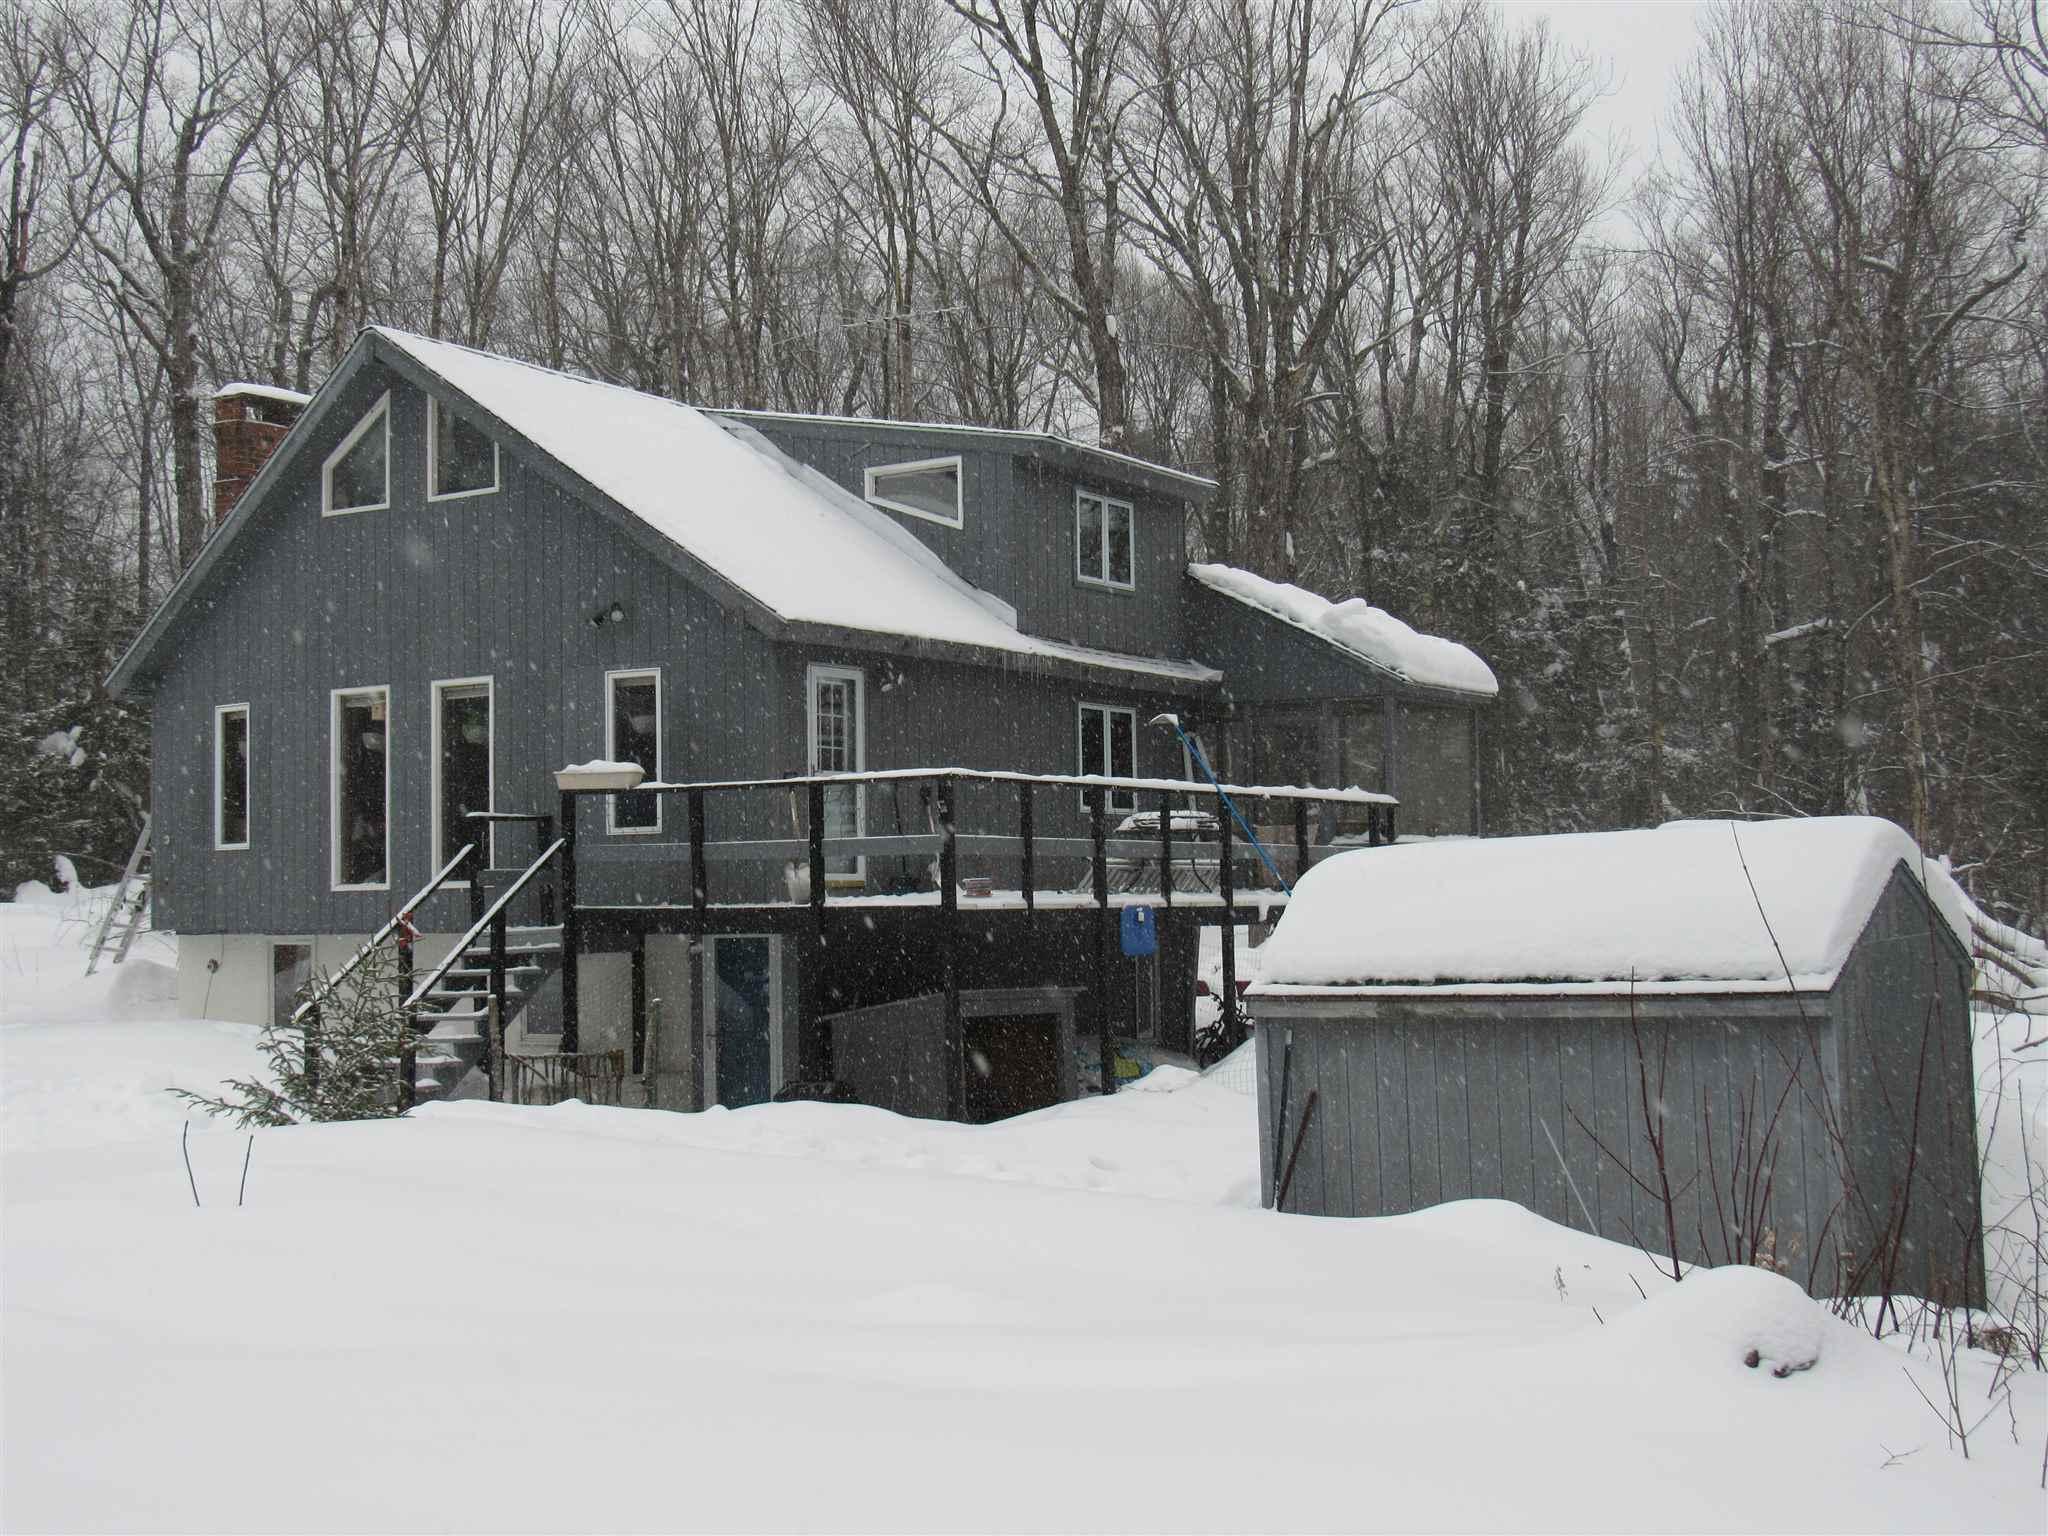 Mount Snow Homes For Sale Under 300k Affordable Mount Snow Homes Vt